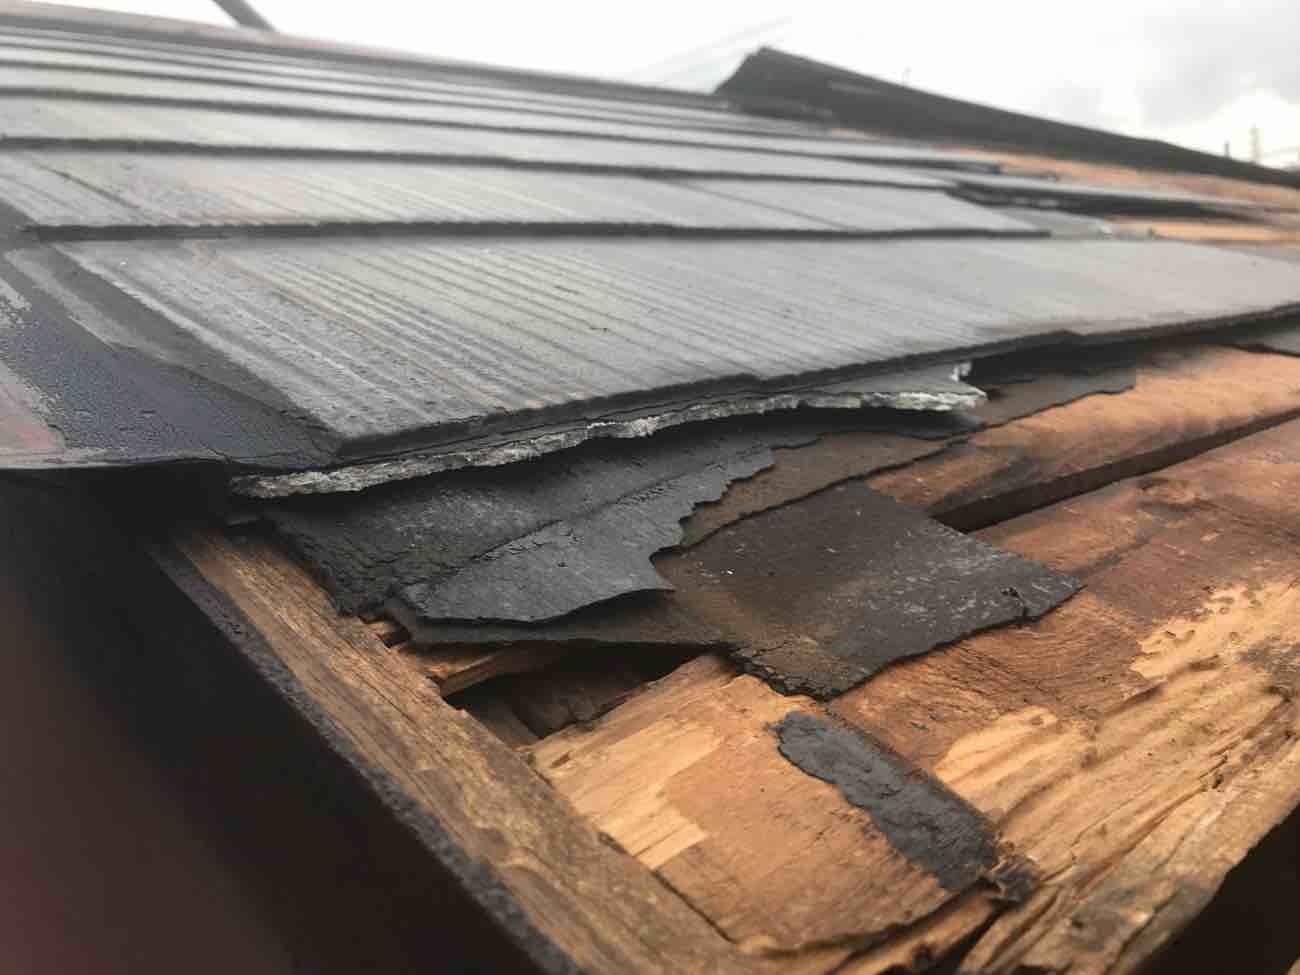 台風被害にあった屋根は火災保険で修理!条件や申請手順を徹底解説